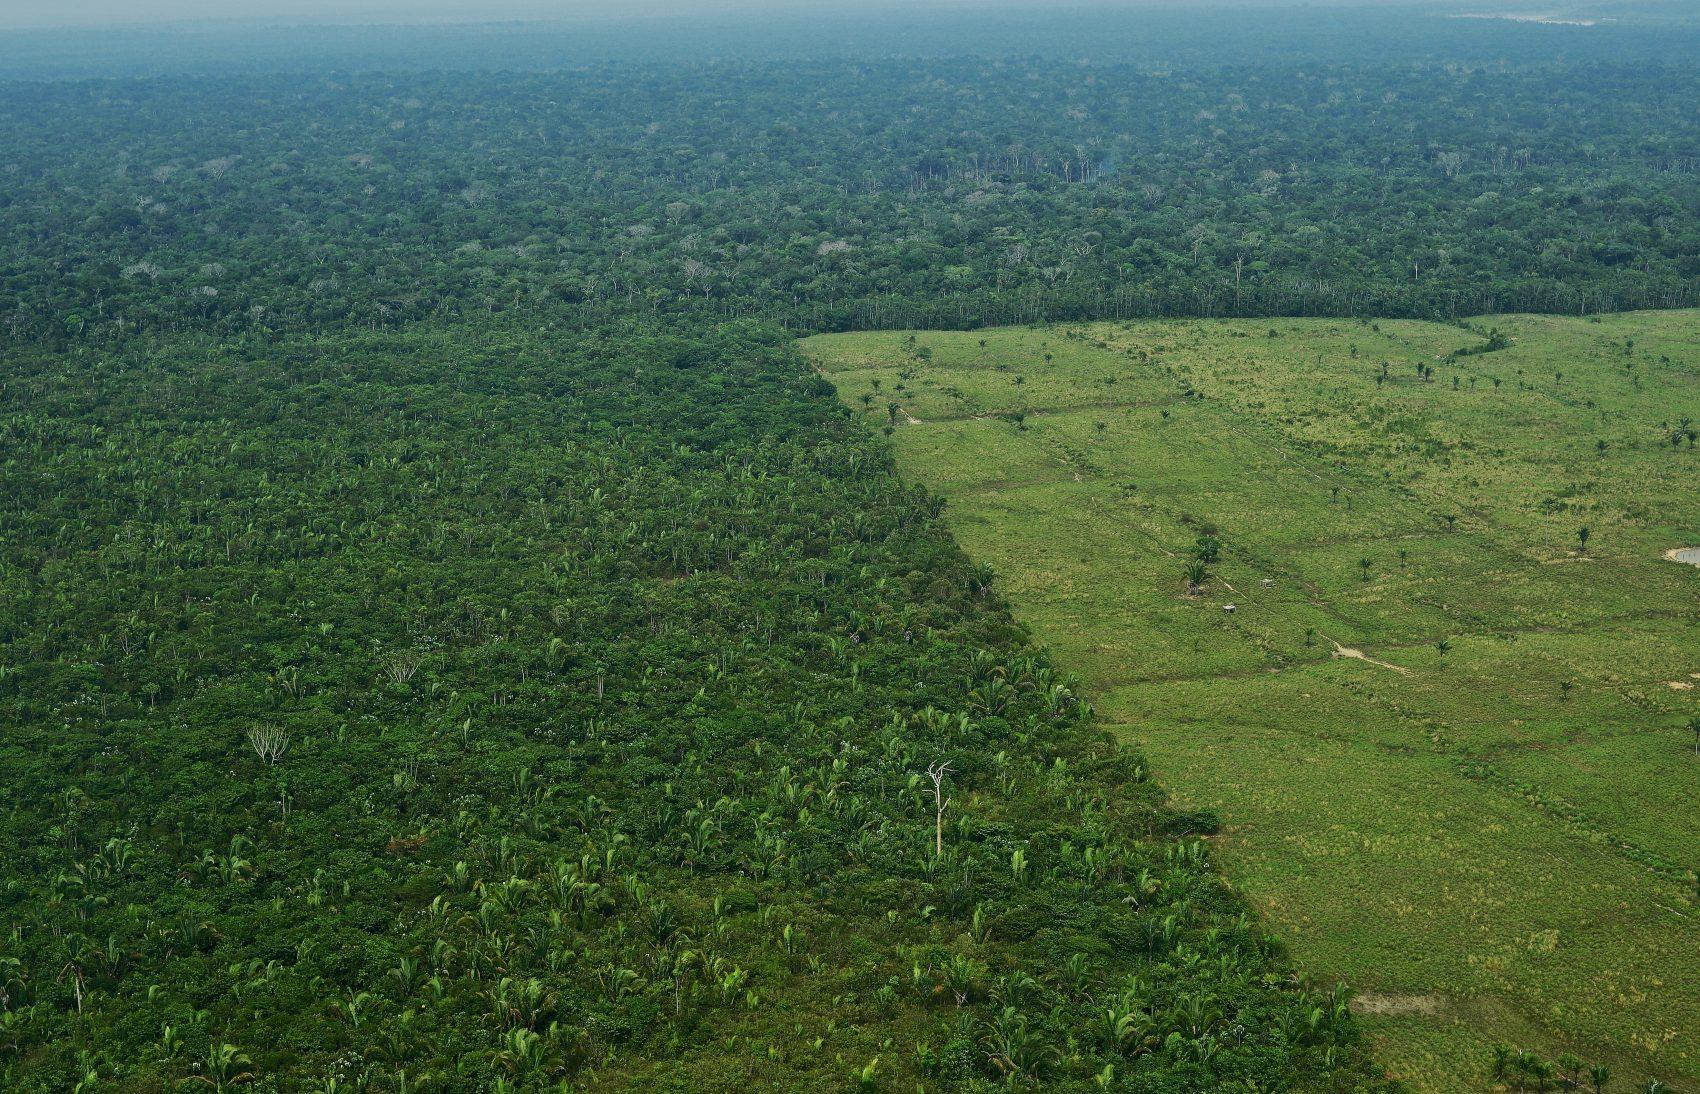 Vista aérea de área desmatada da Amazônia: pesquisadores da UFV provam relação dentre derrubada da floresta e regimes de chuvas na região (Foto: Carl de Souza/AFP)